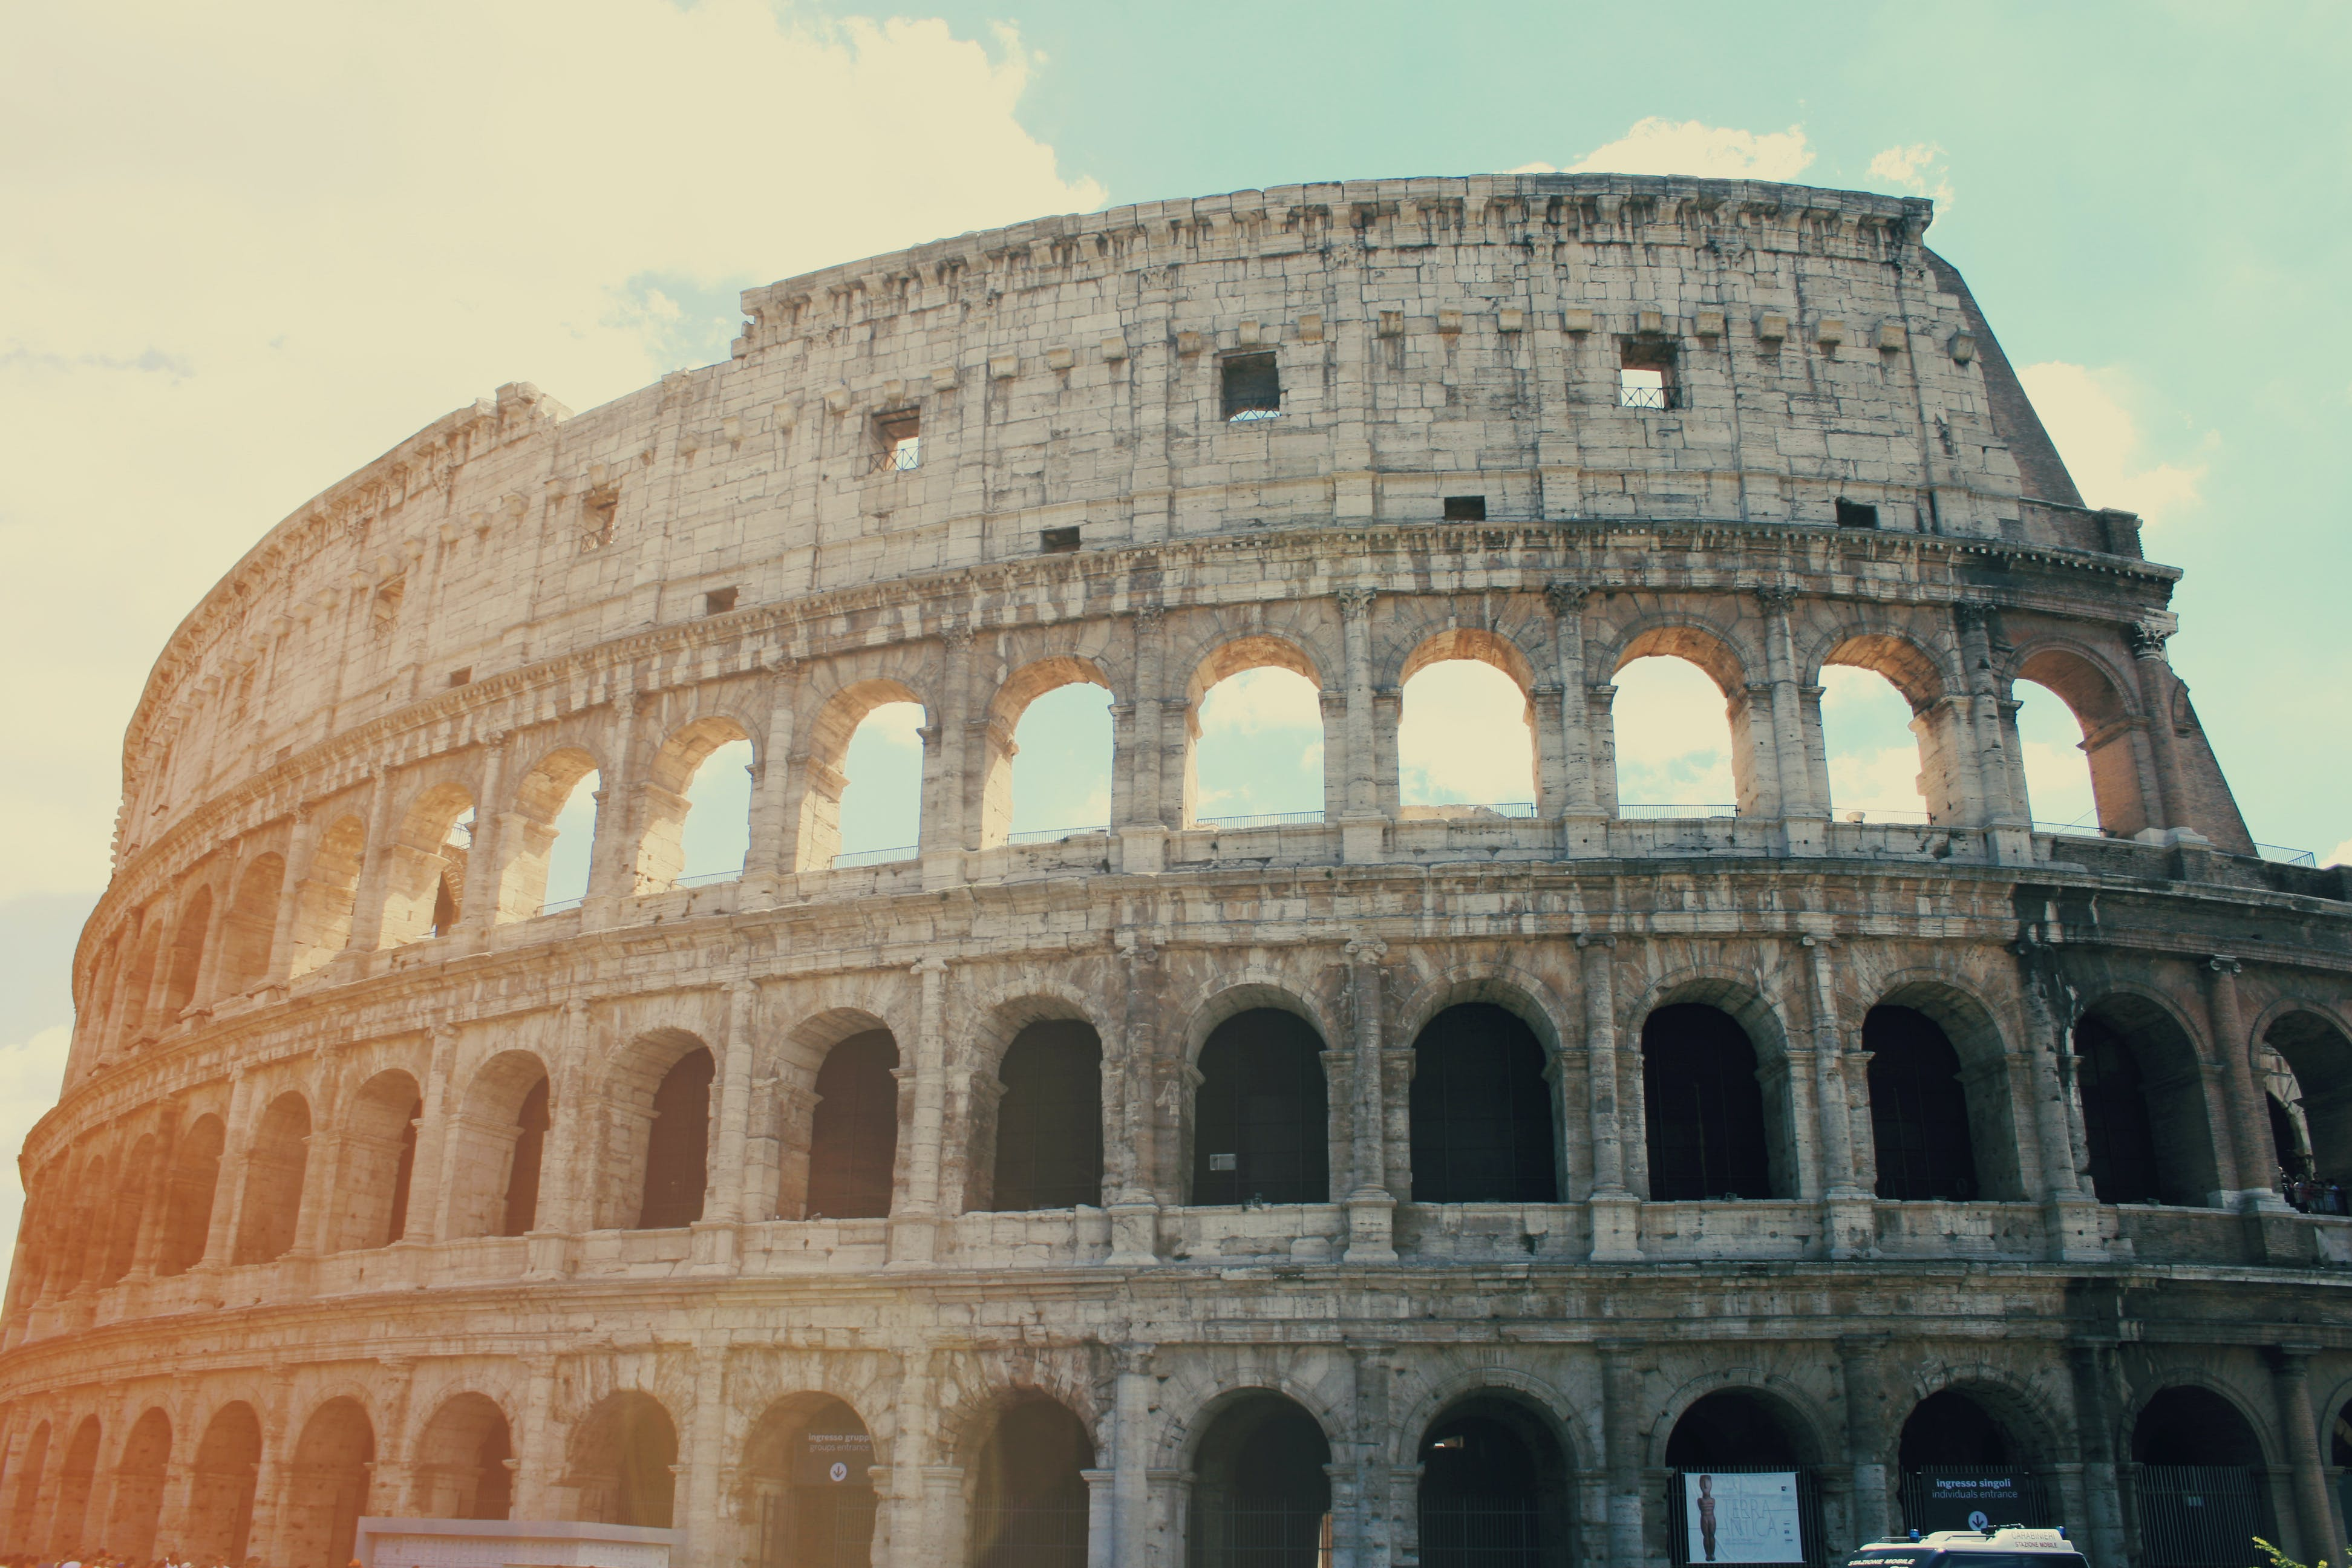 Kostenloses Stock Foto zu italien, architektur, historisch, monument